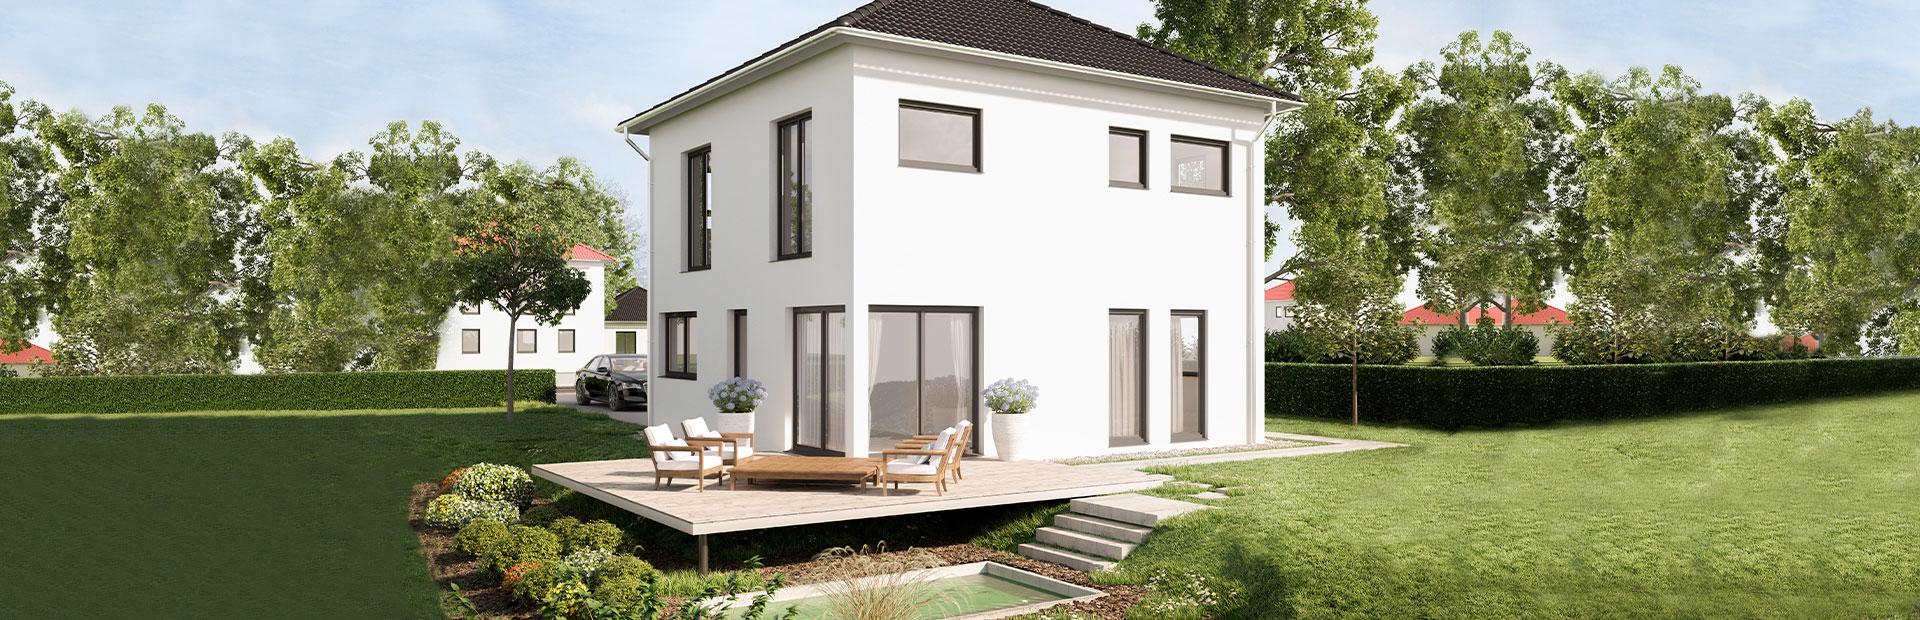 Einfamilienhäuser planen und bauen